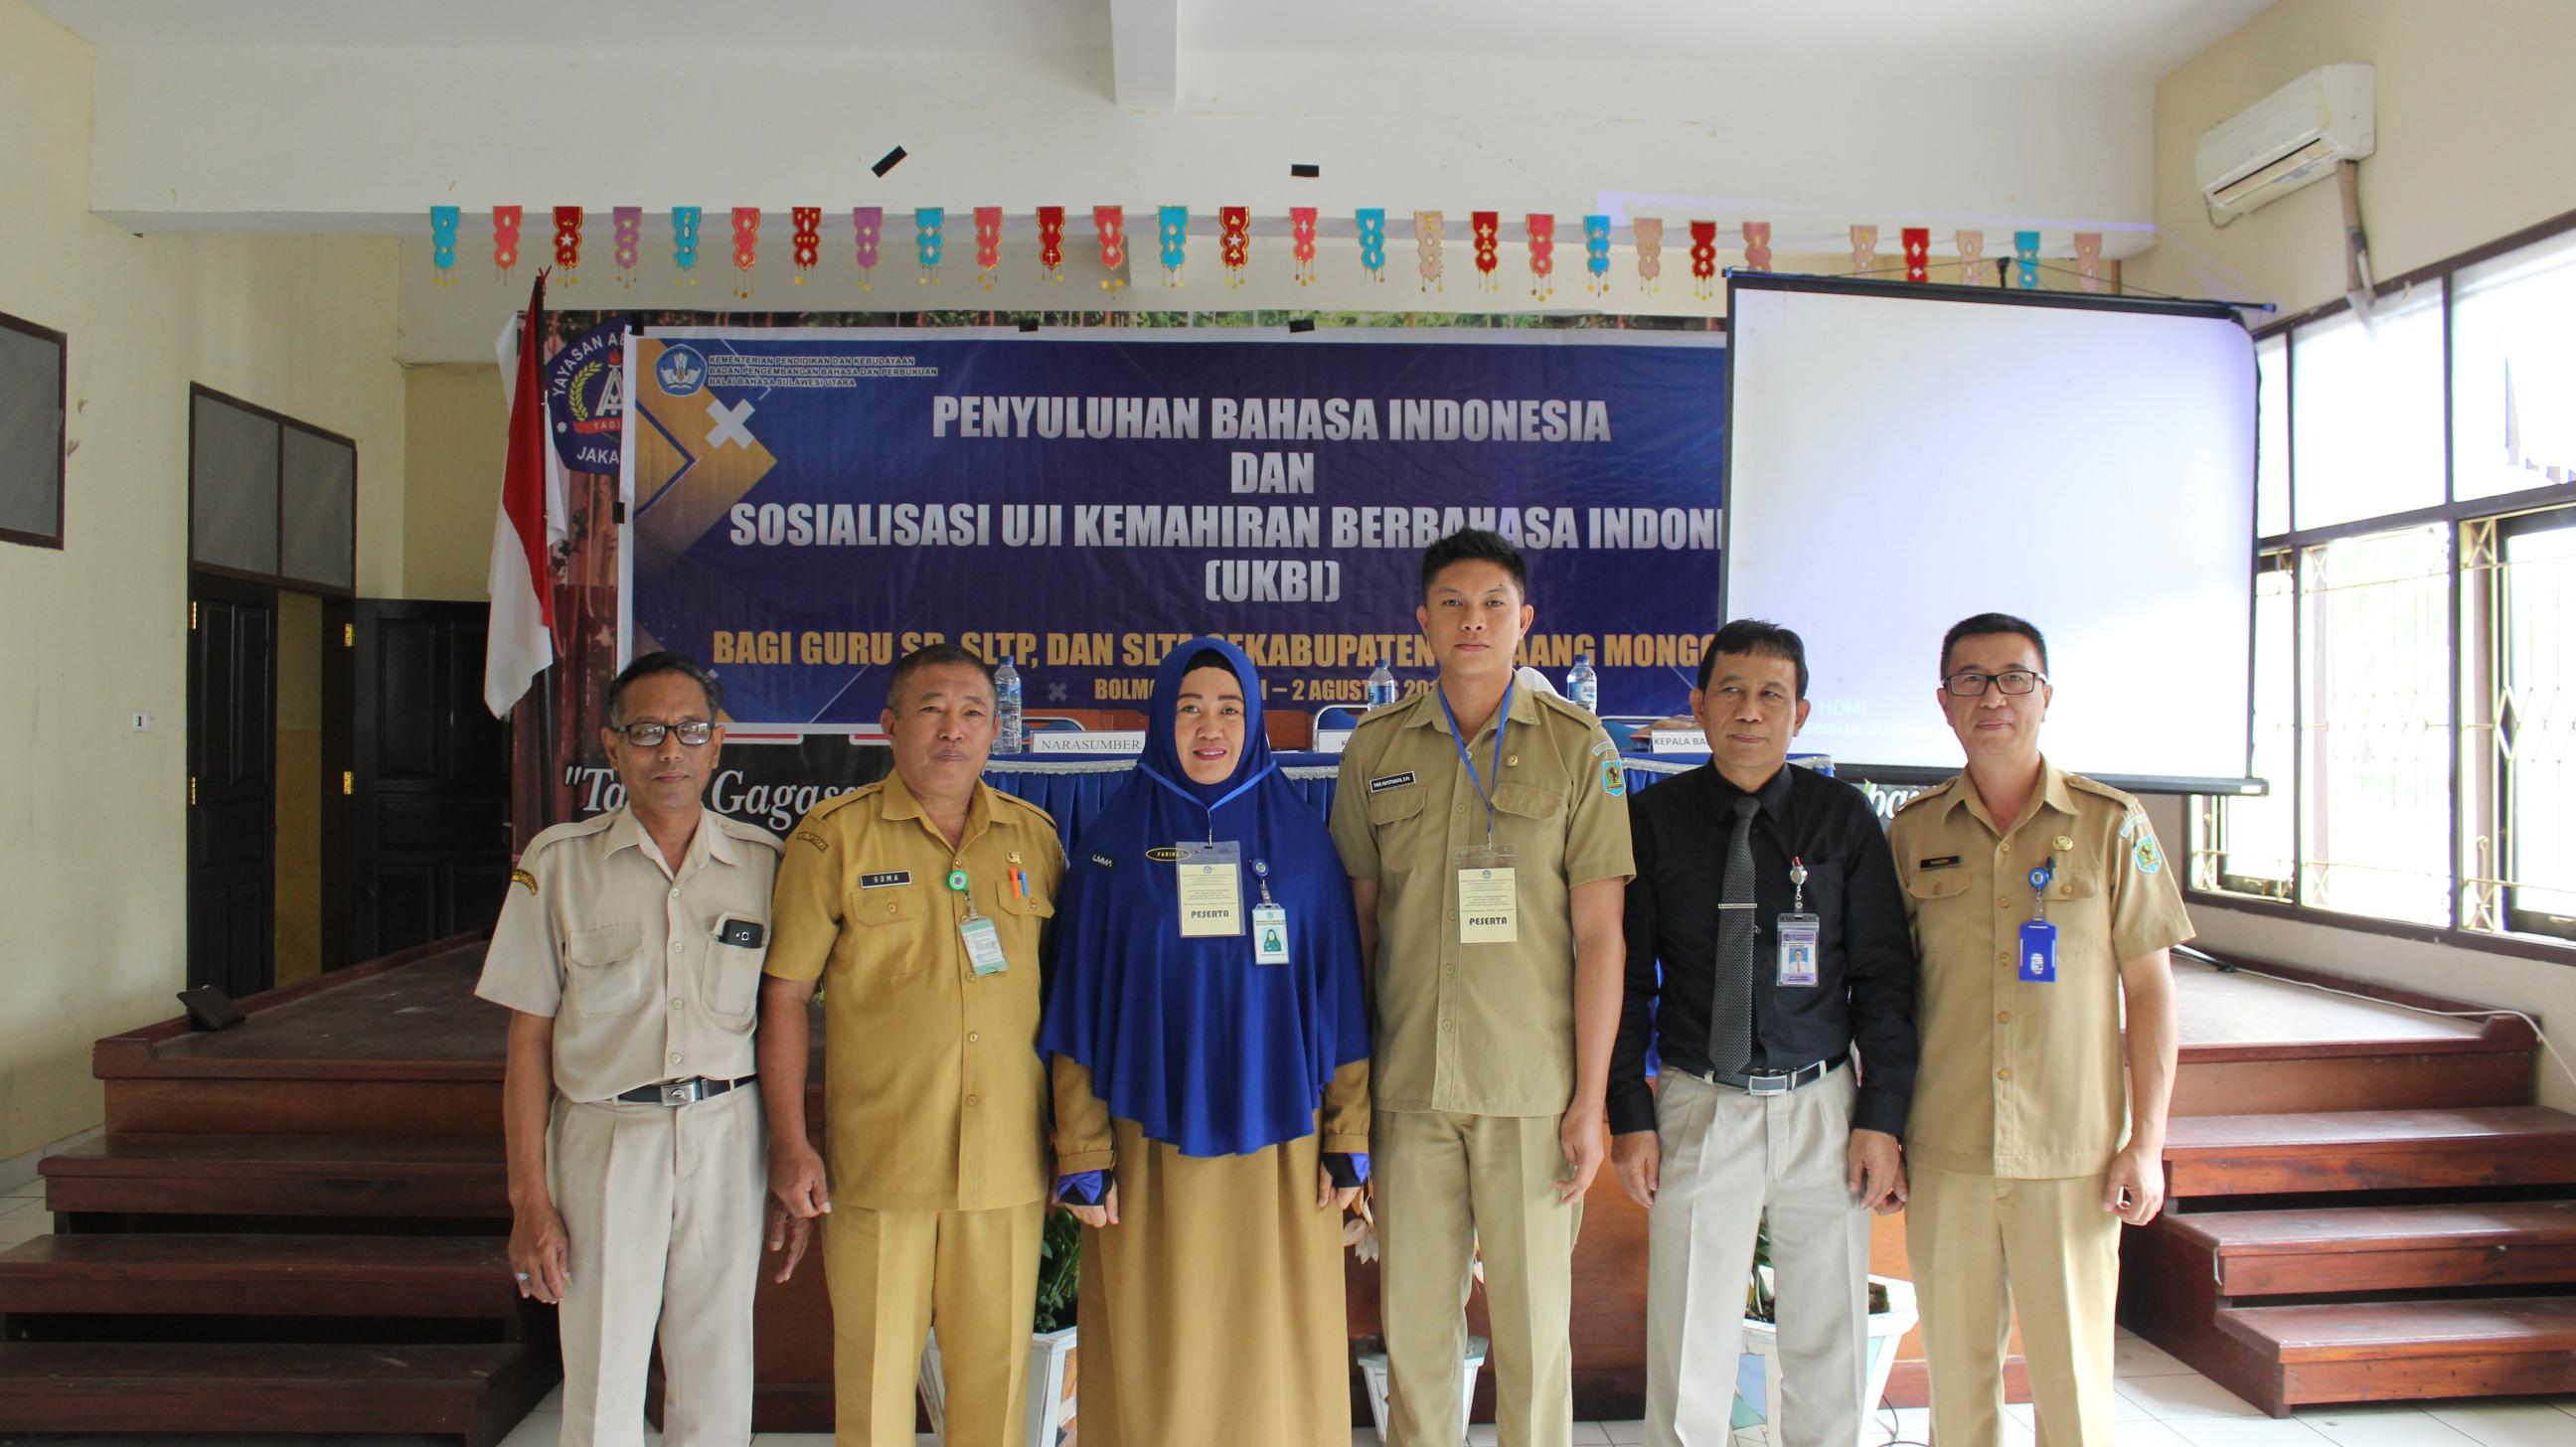 Penyuluhan Bahasa Indonesia dan Sosialisasi Uji Kemahiran Berbahasa Indonesia di Kabupaten Bolaang Mongondow